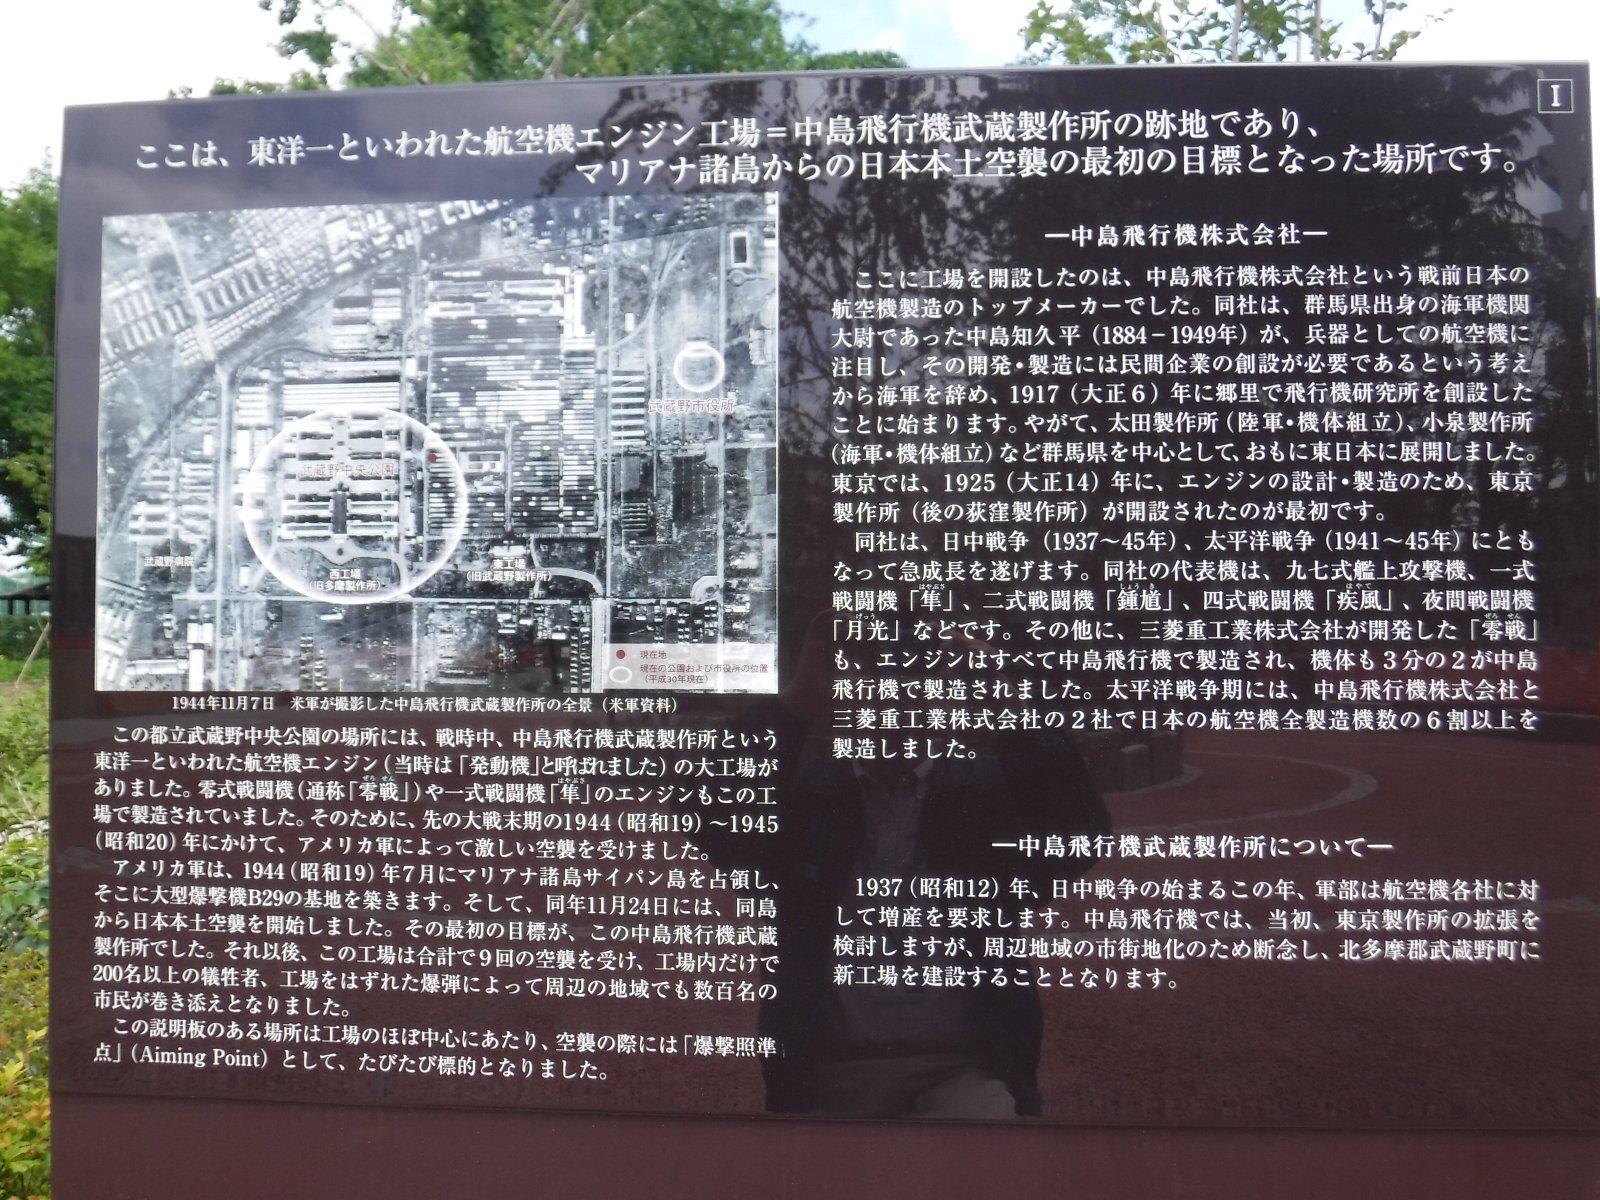 武蔵野中央公園内にある歴史を語り継ぐ解説板の一部